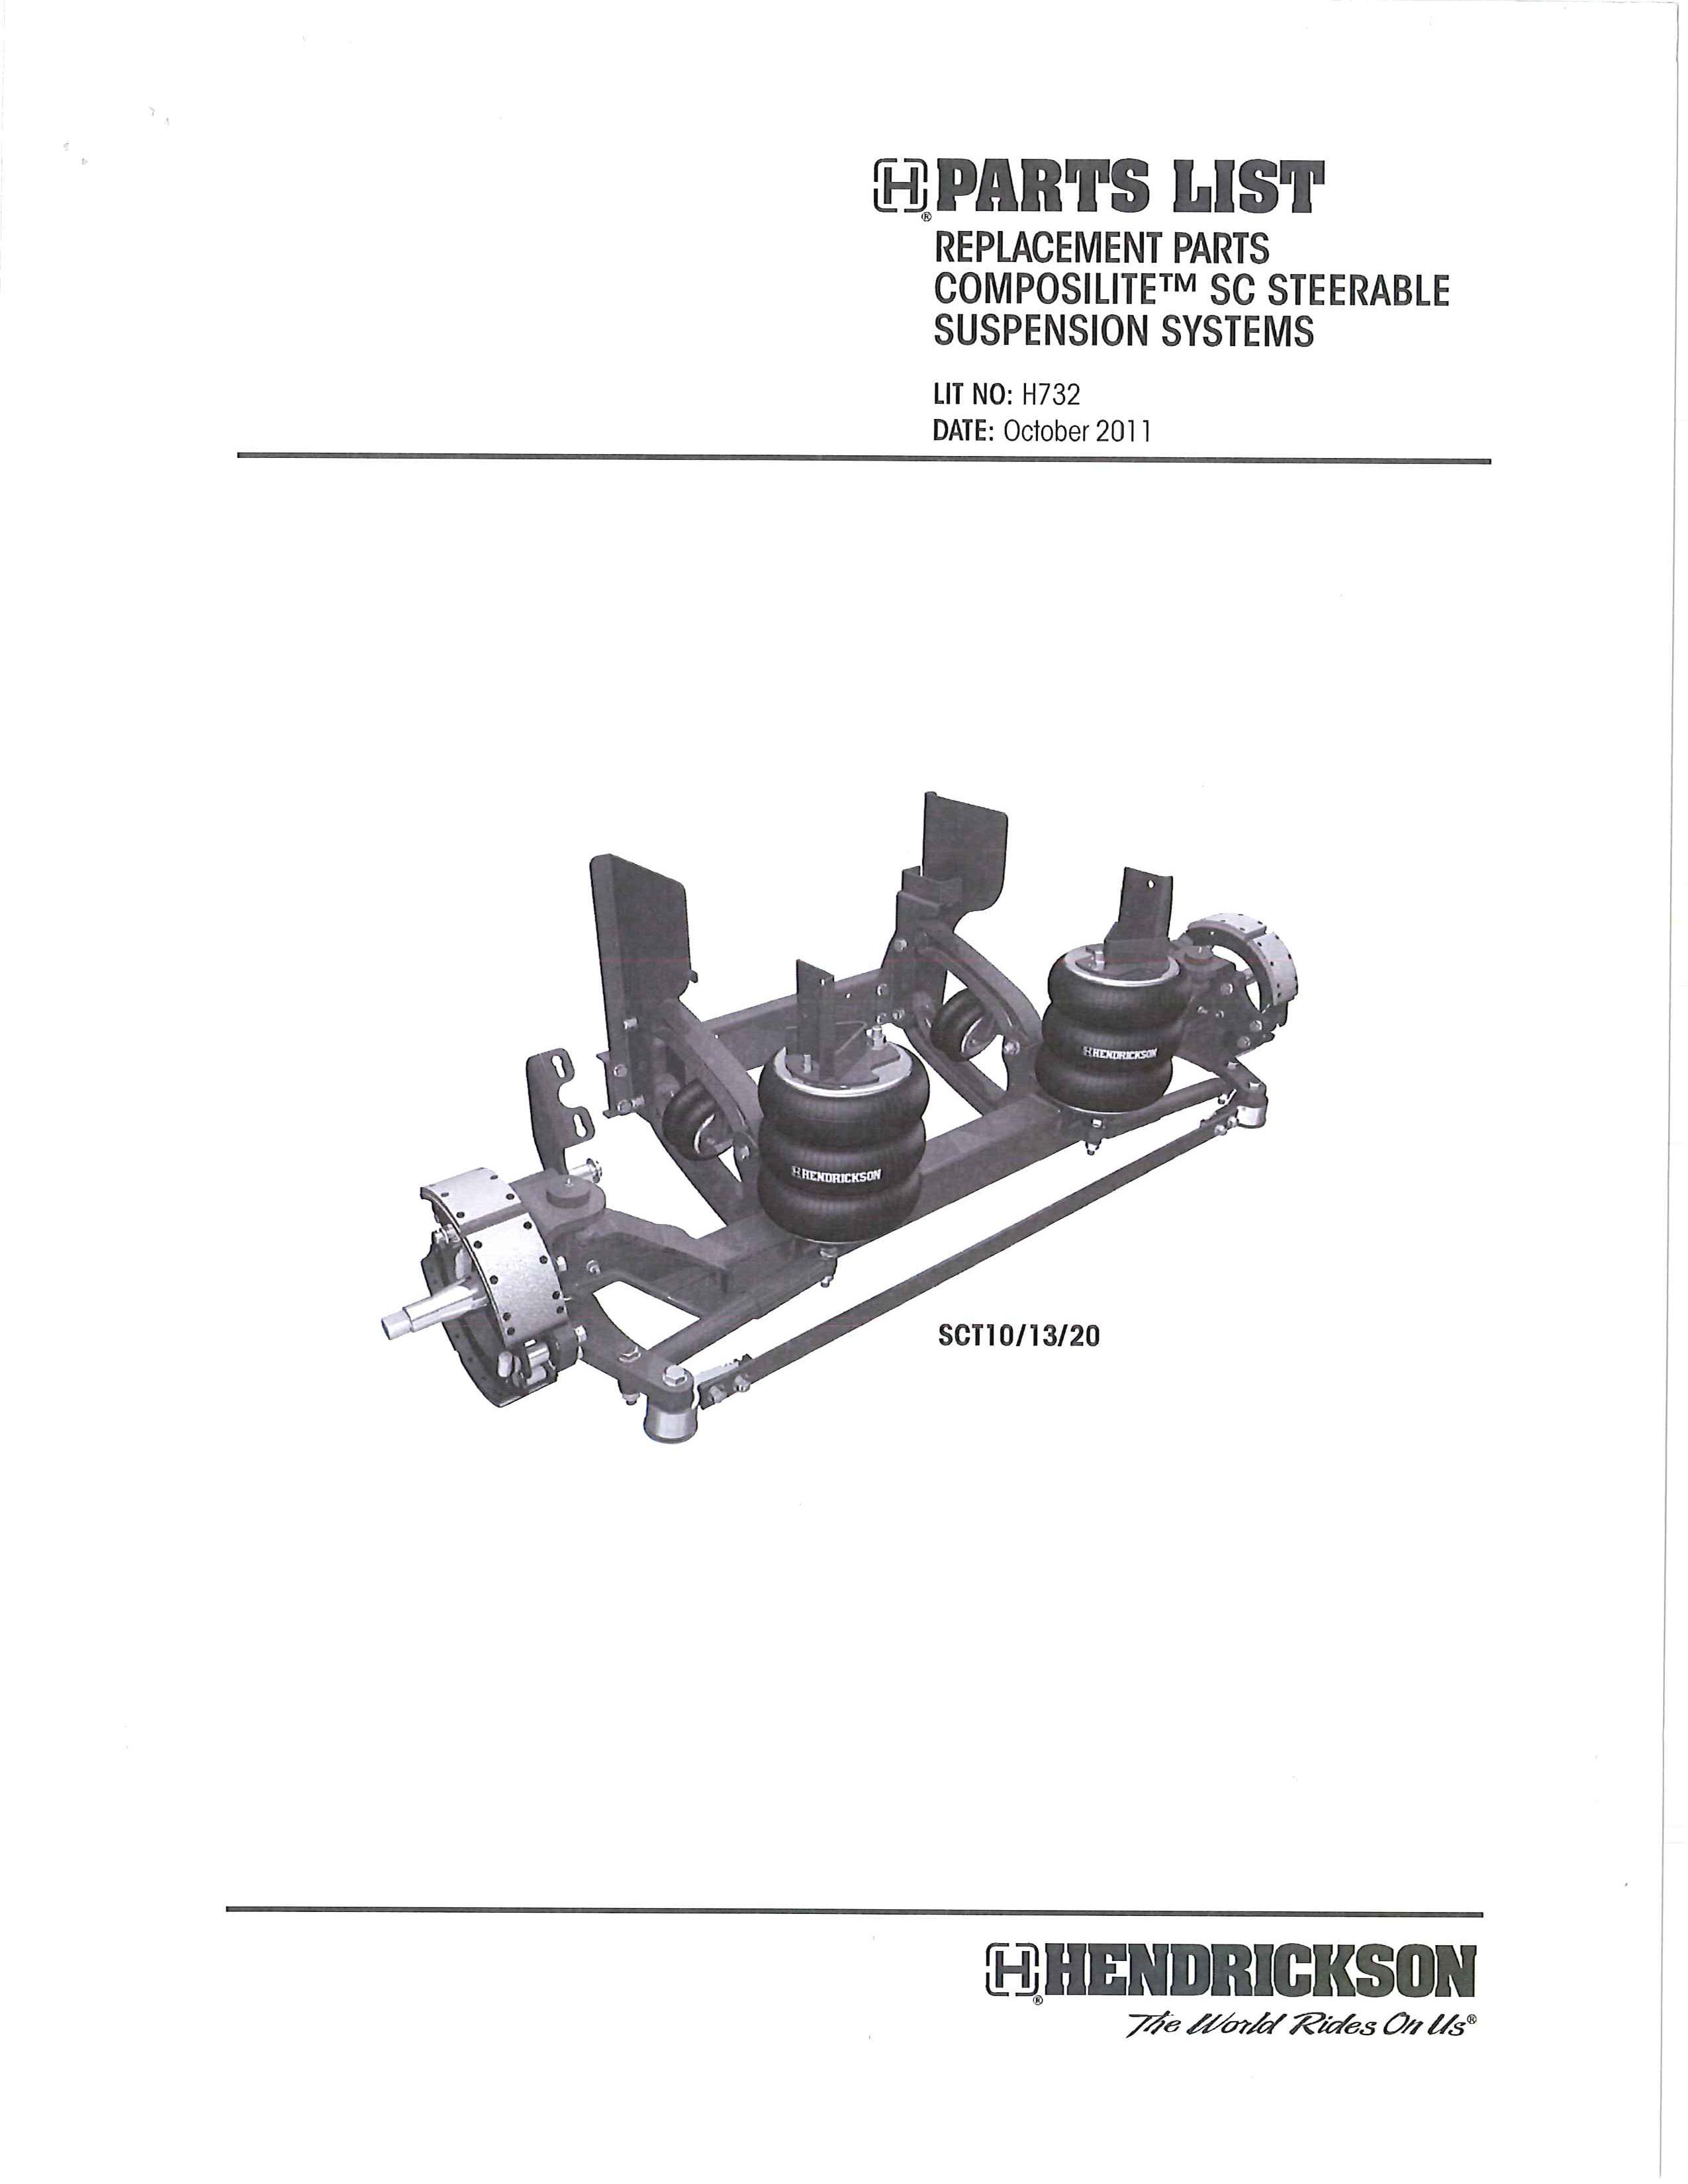 hendrickson-13.2k-steerable-parts-list.jpg